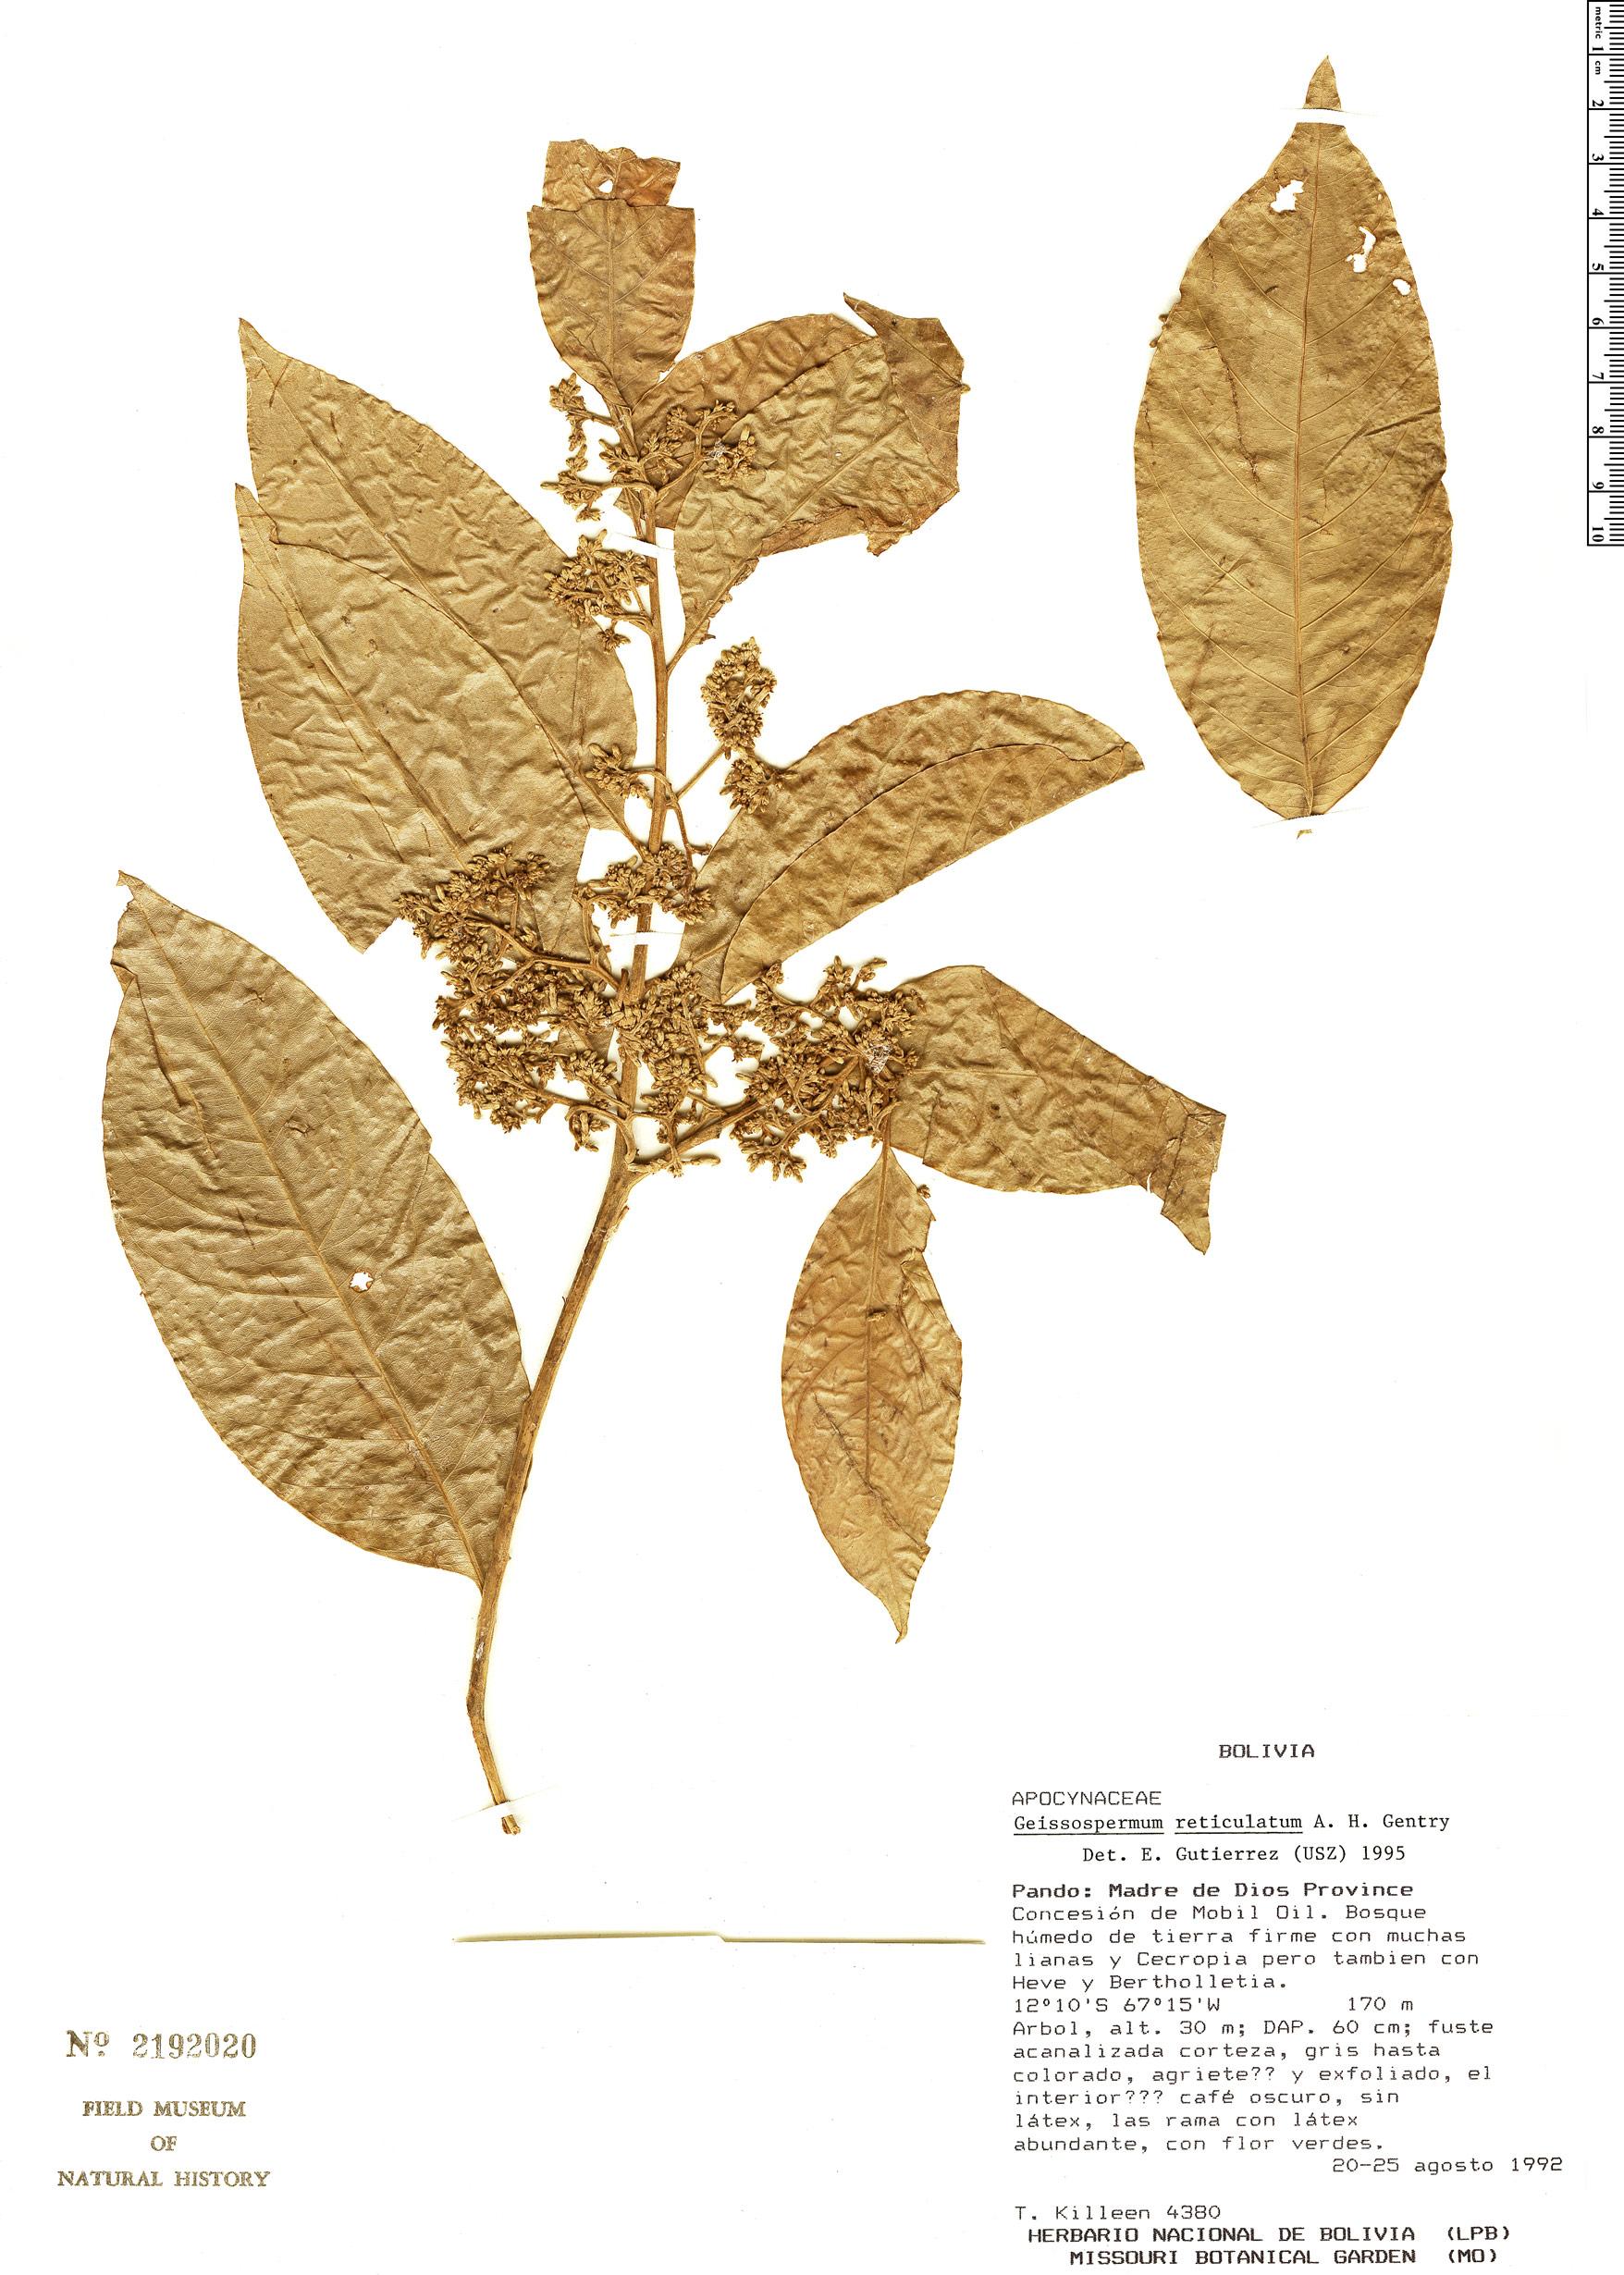 Specimen: Geissospermum reticulatum